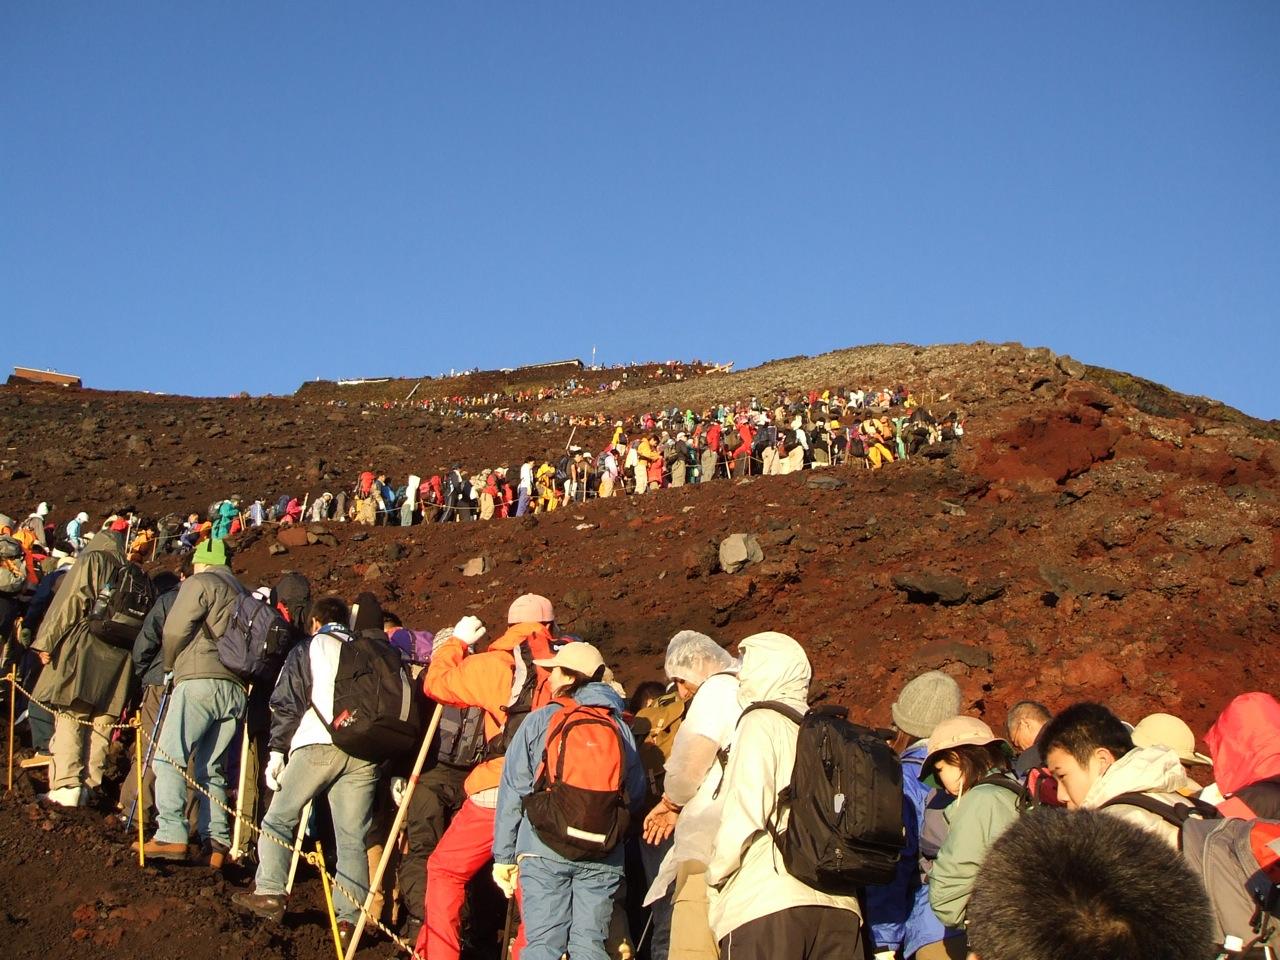 βファイル:行列富士登山.jpg